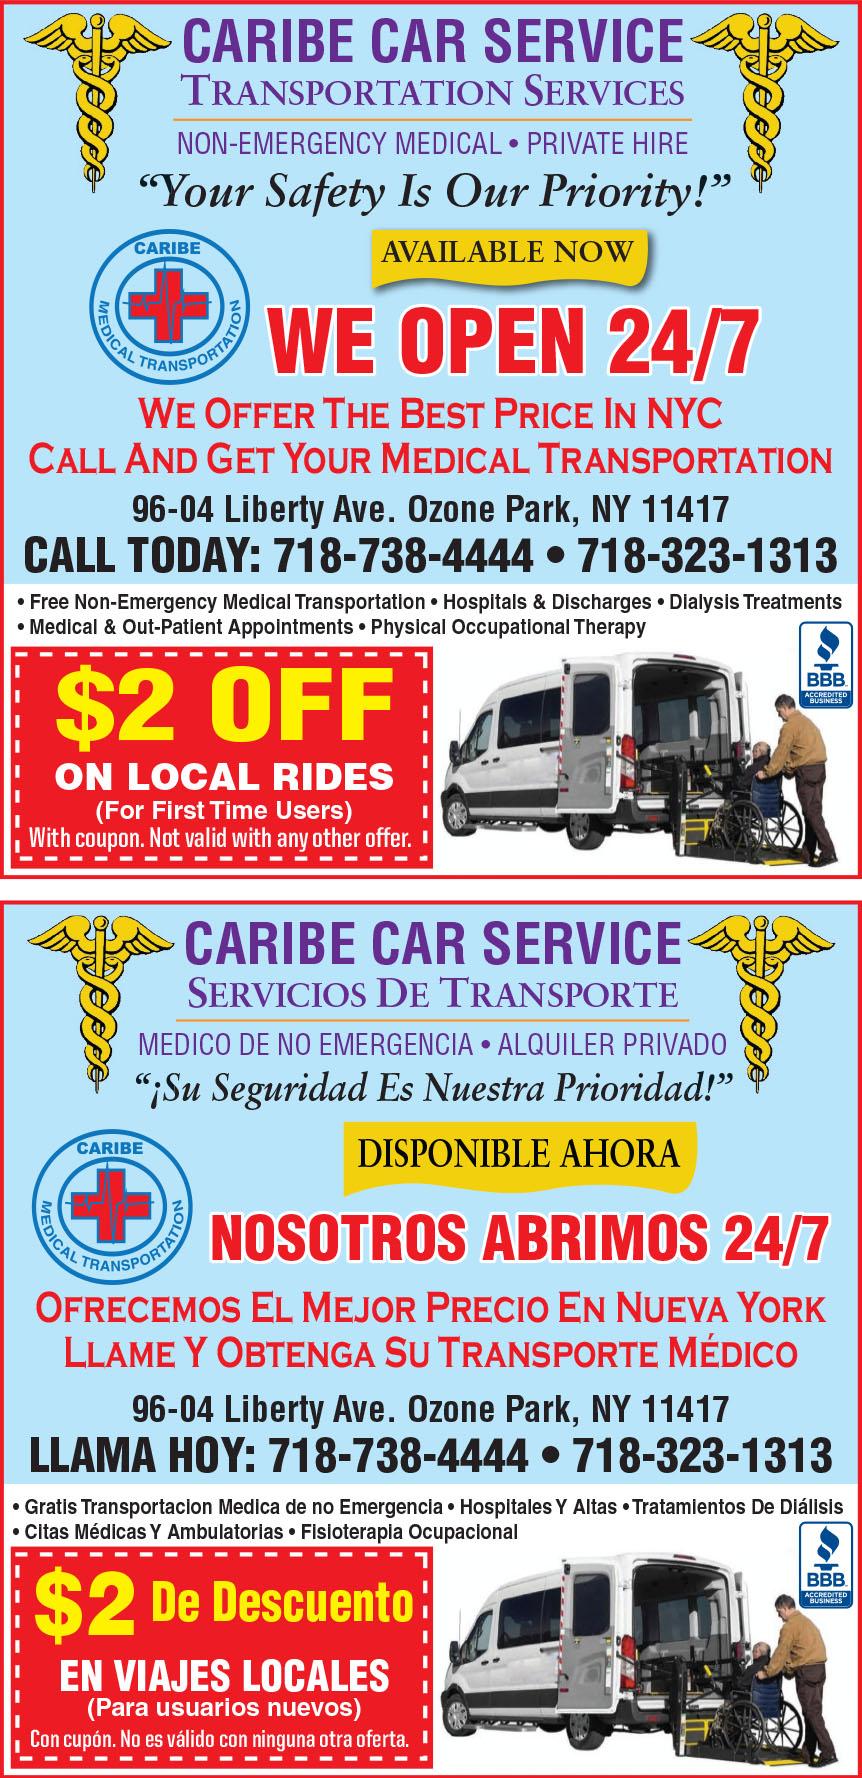 CARIBE CAR SERVICE